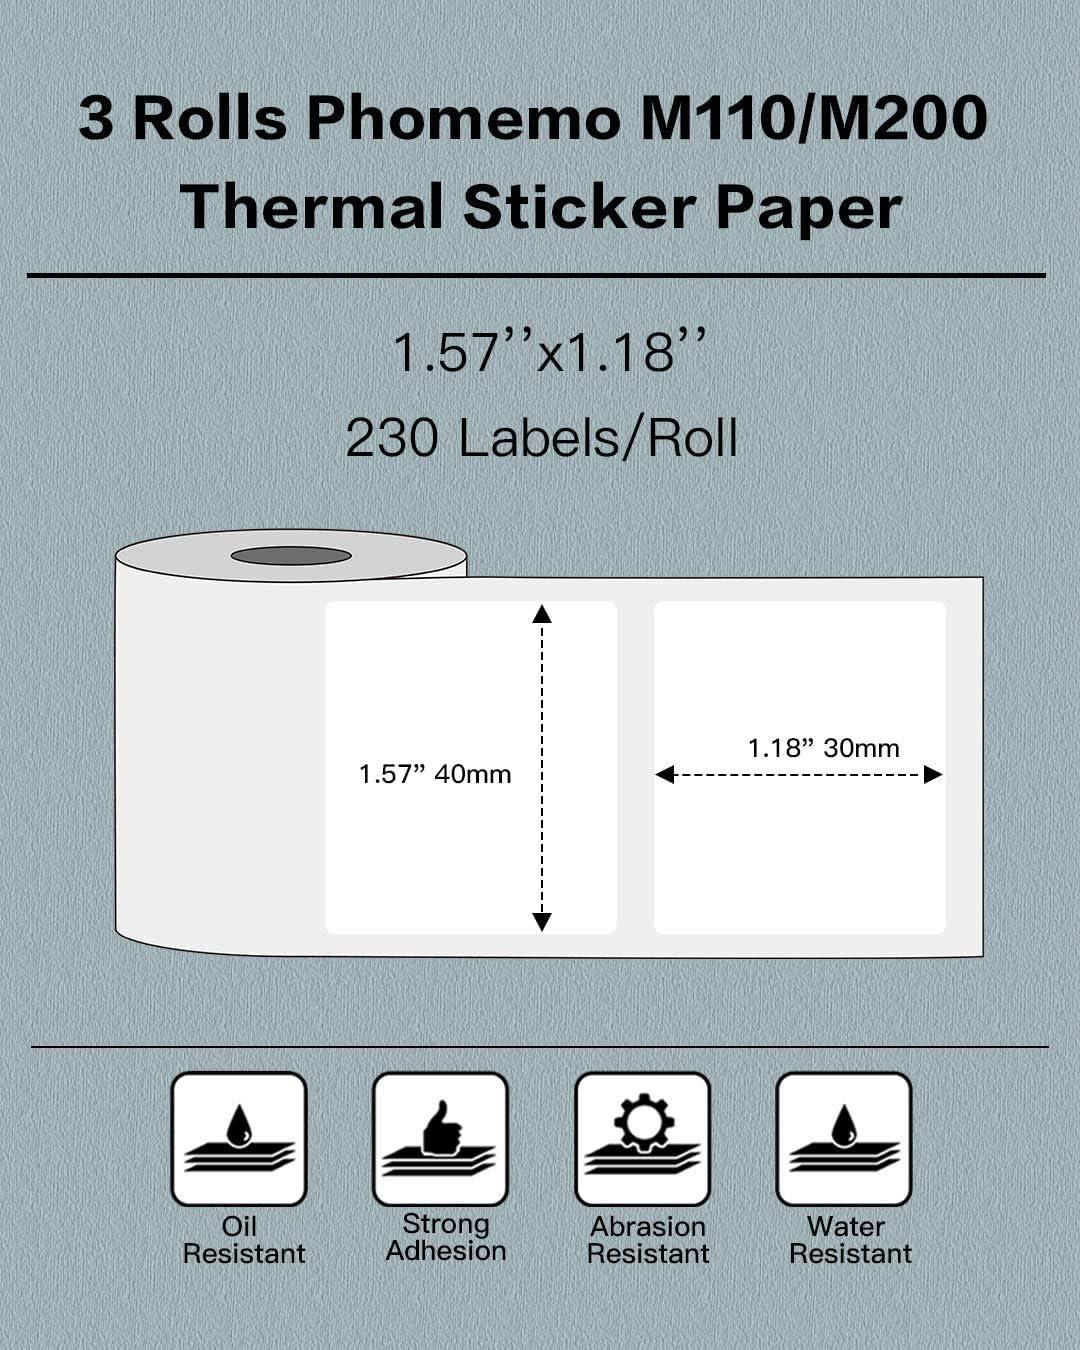 M200 50 x 30 mm 1,97x 1,18 Phomemo 3 rotoli di carta termica M110 Etichetta multiuso autoadesiva quadrata per cartellini dei prezzi